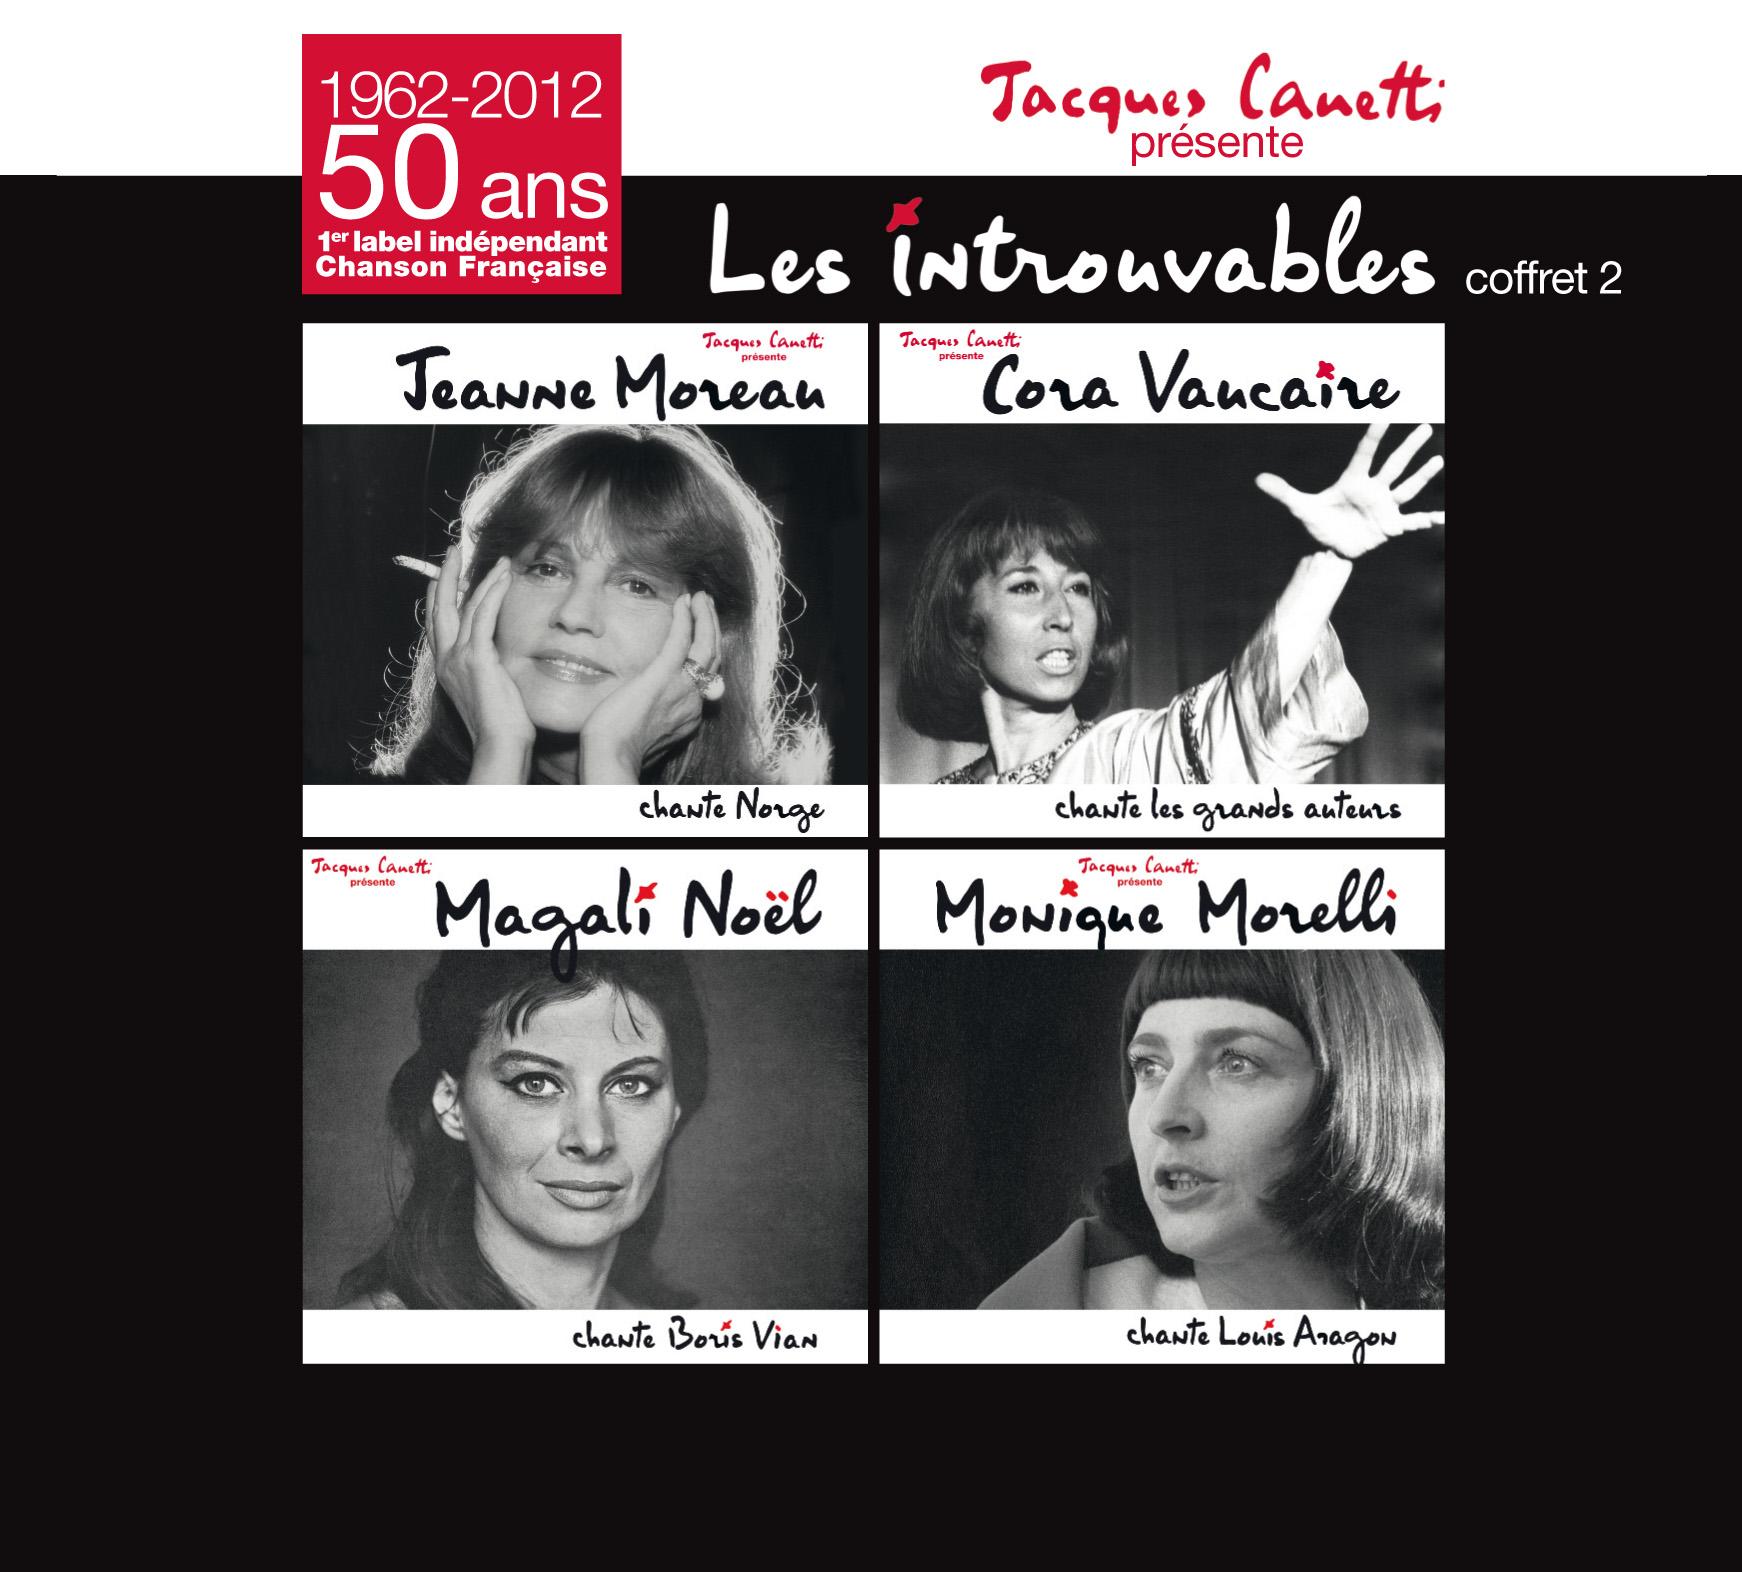 couv-introuvables-2